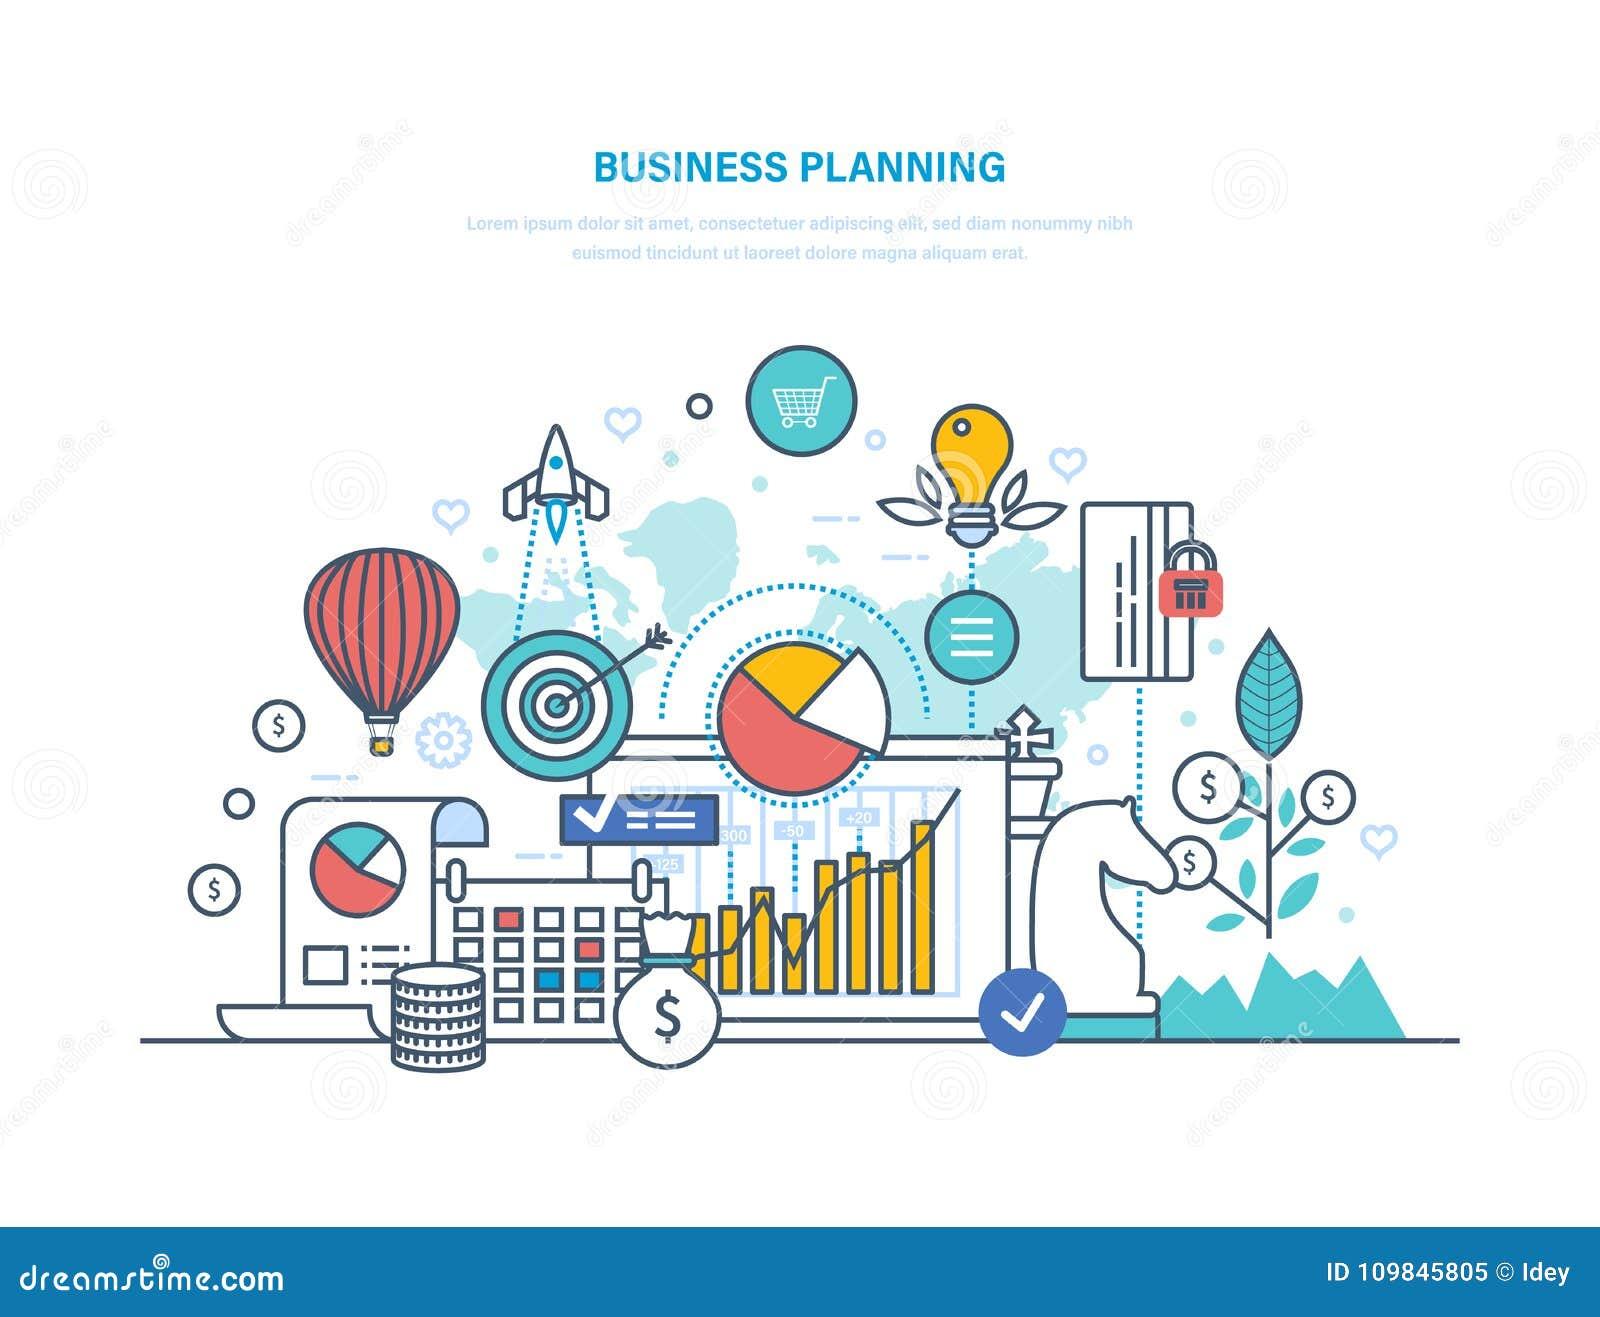 企业规划 表现评估,组织,工作流控制,时间安排